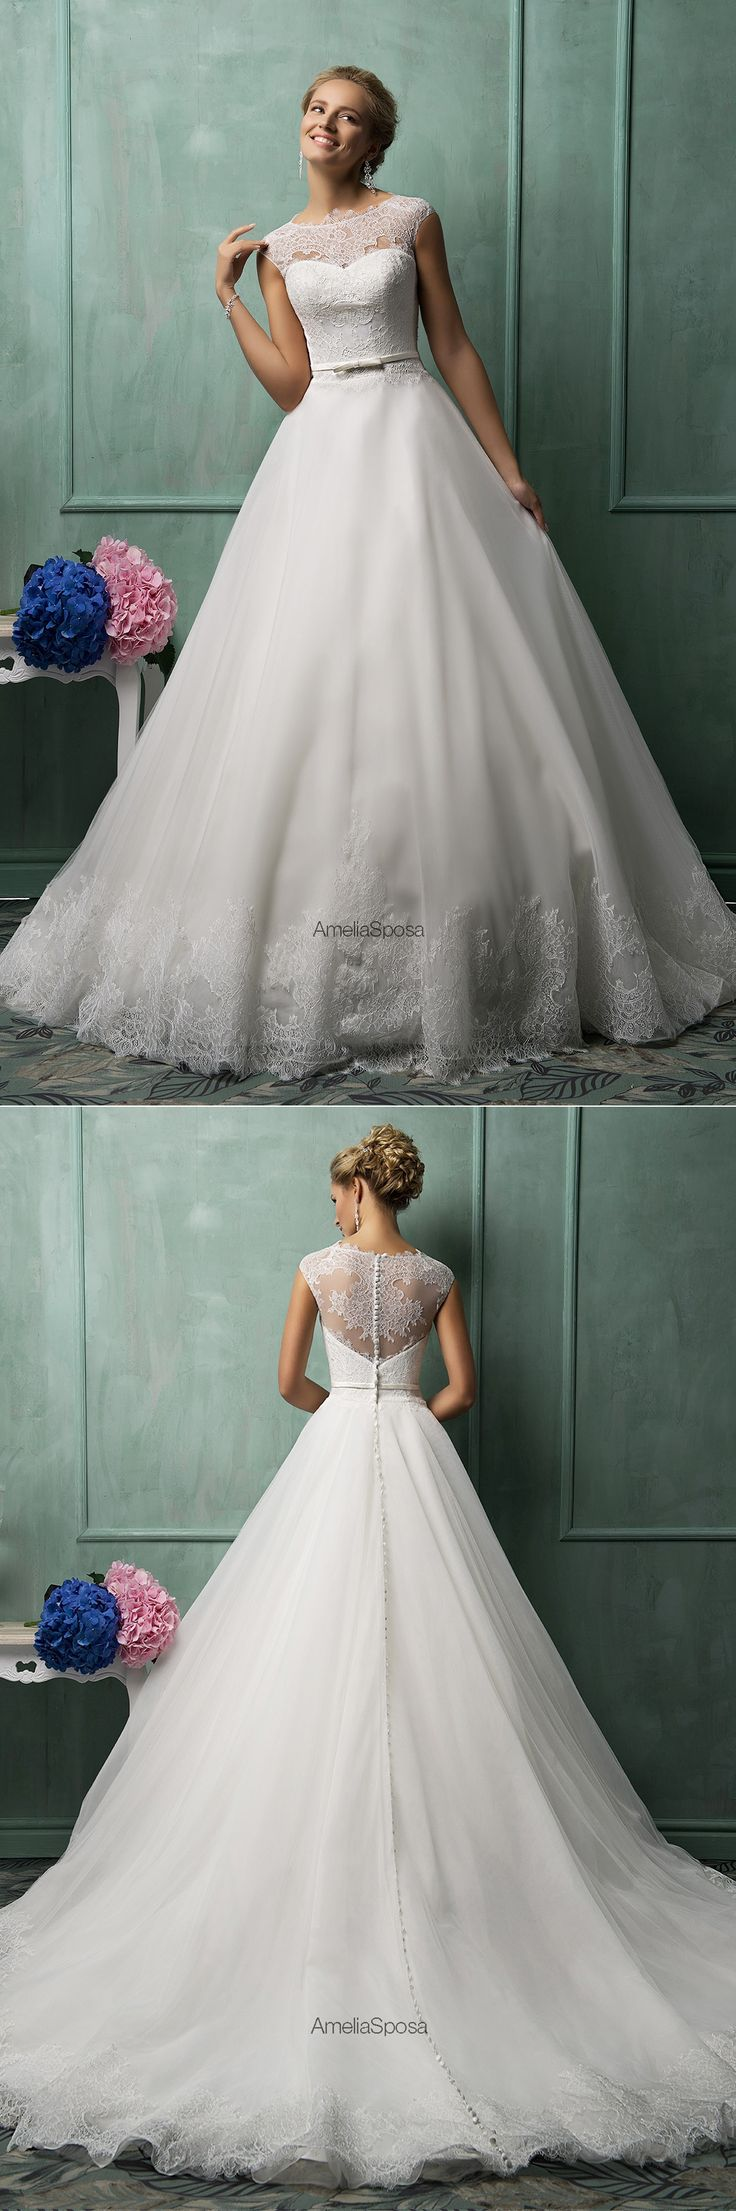 Vestido de novia corte princesa con encaje. Inspírate más en http://bodatotal.com/